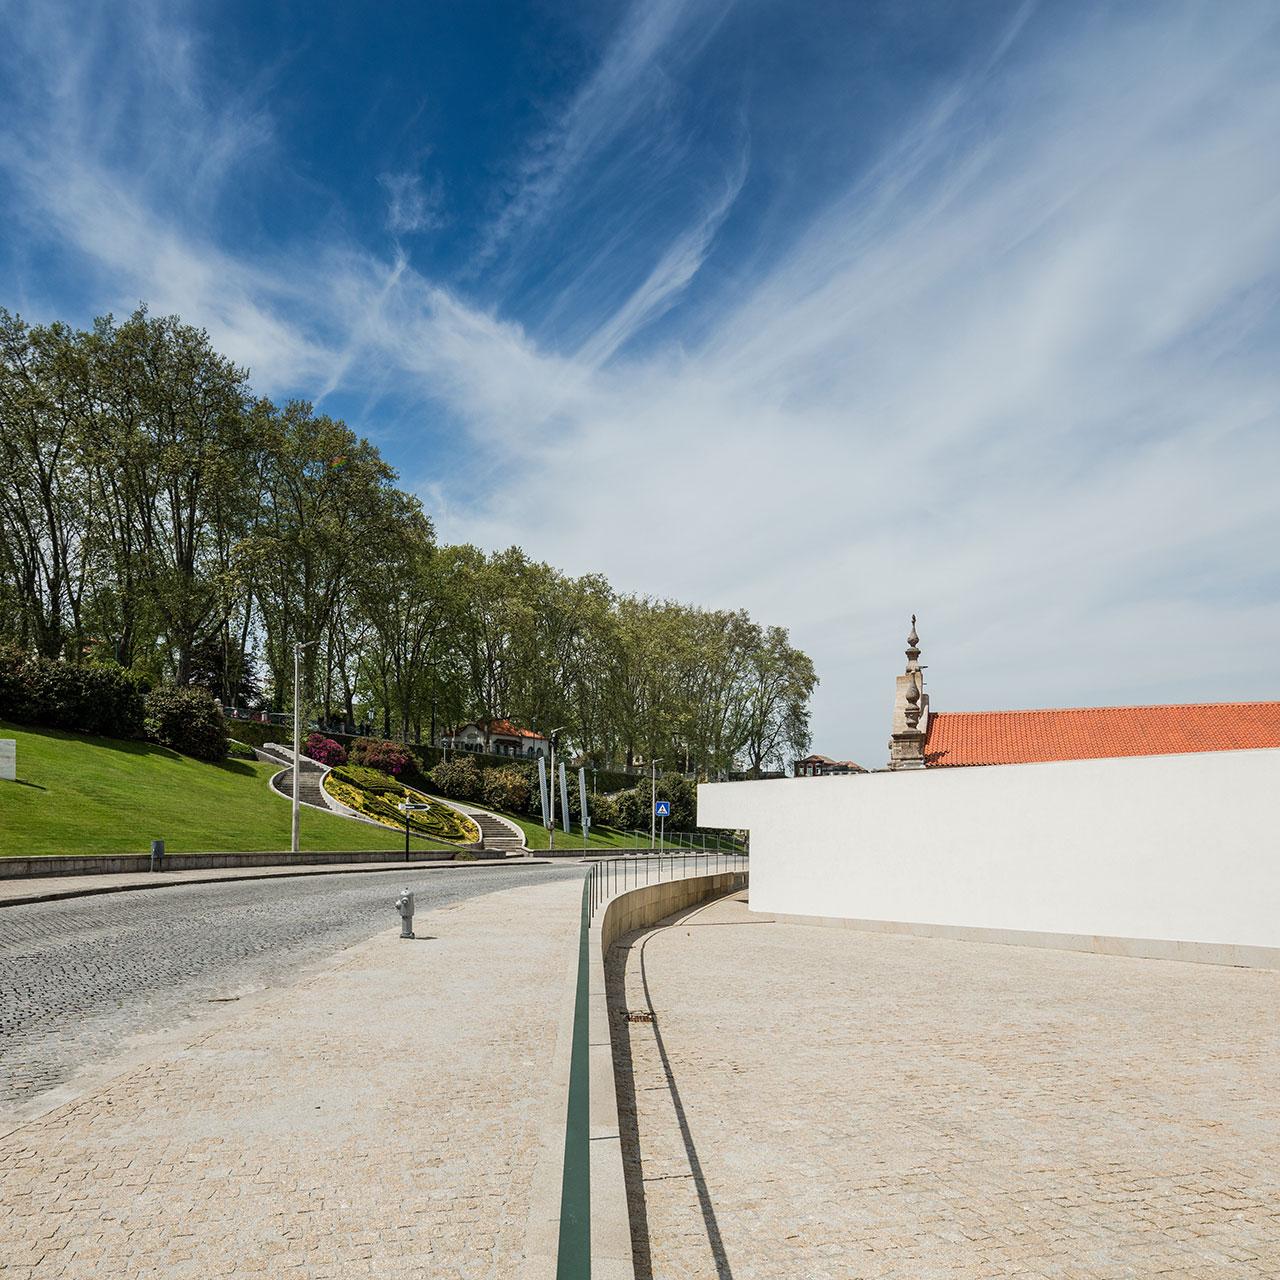 Photo by João Morgado.